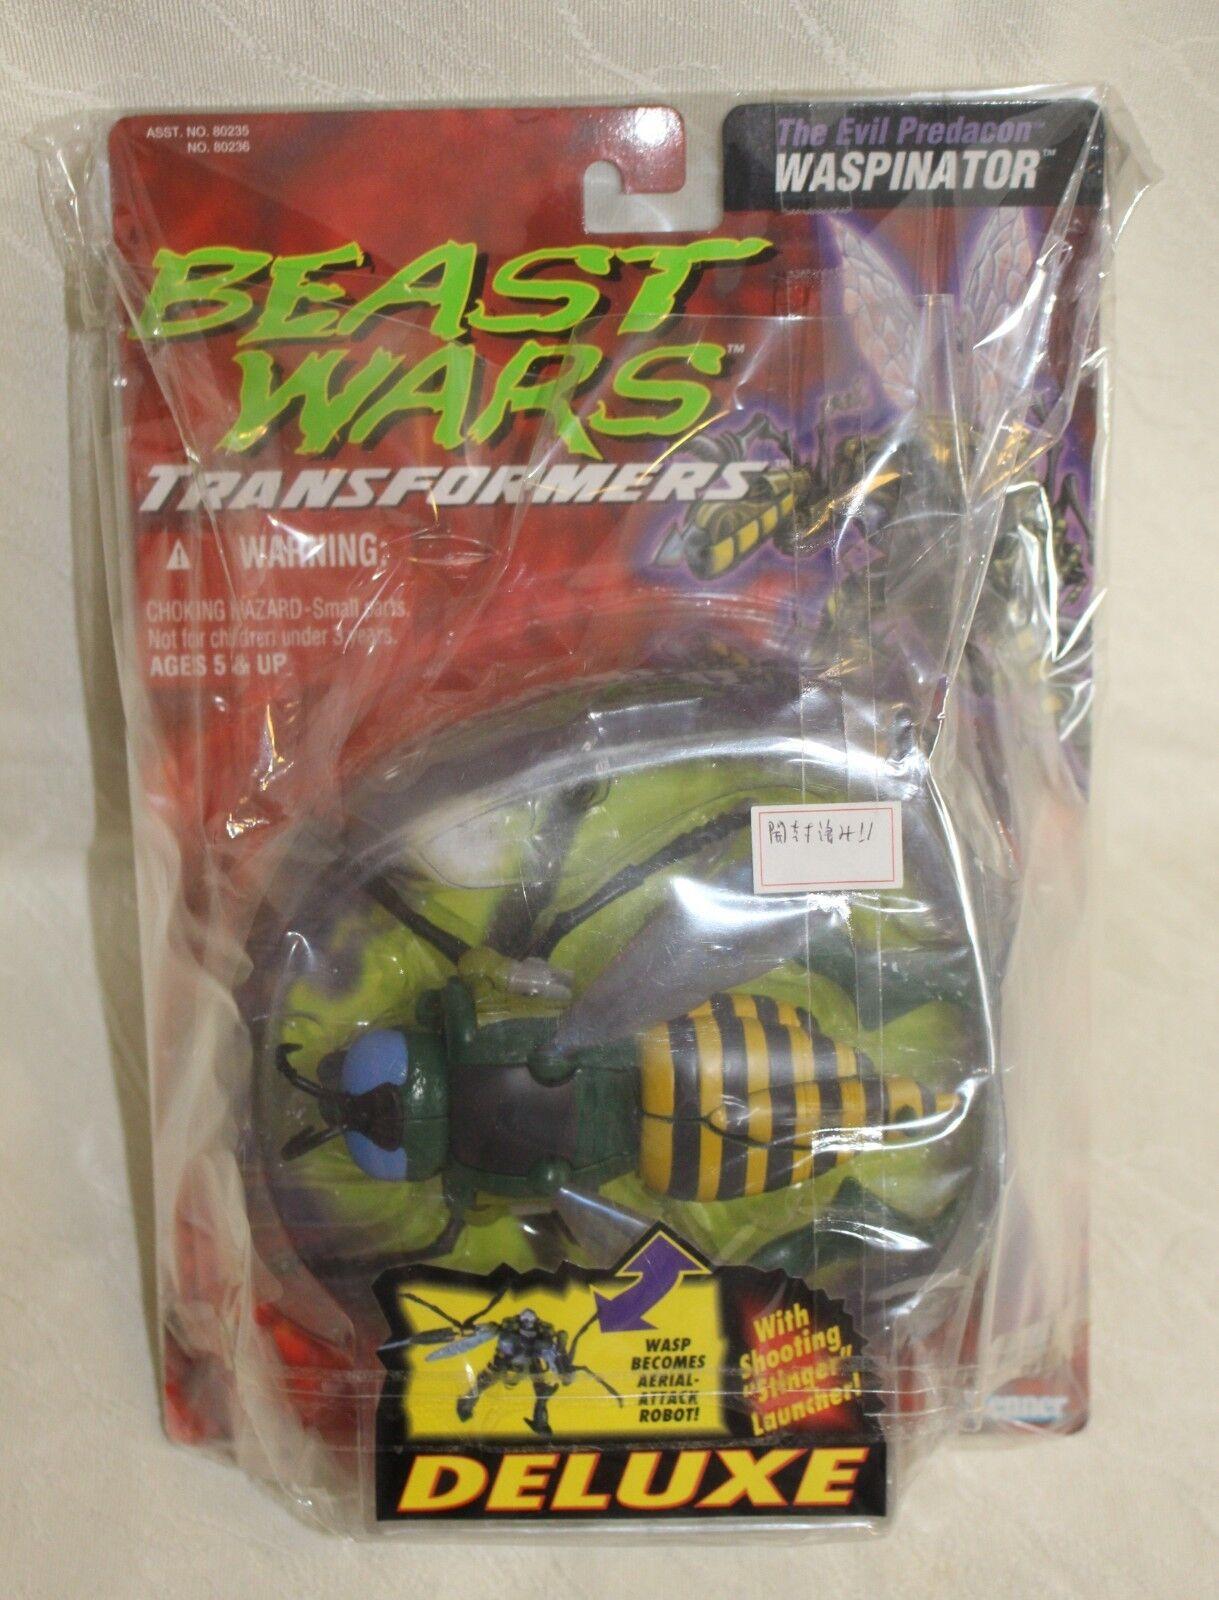 últimos estilos Transformers Transformers Transformers Beast Wars Waspinator Kenner 1995 Vintage Deluxe Menta Abierto tarjeta  comprar descuentos